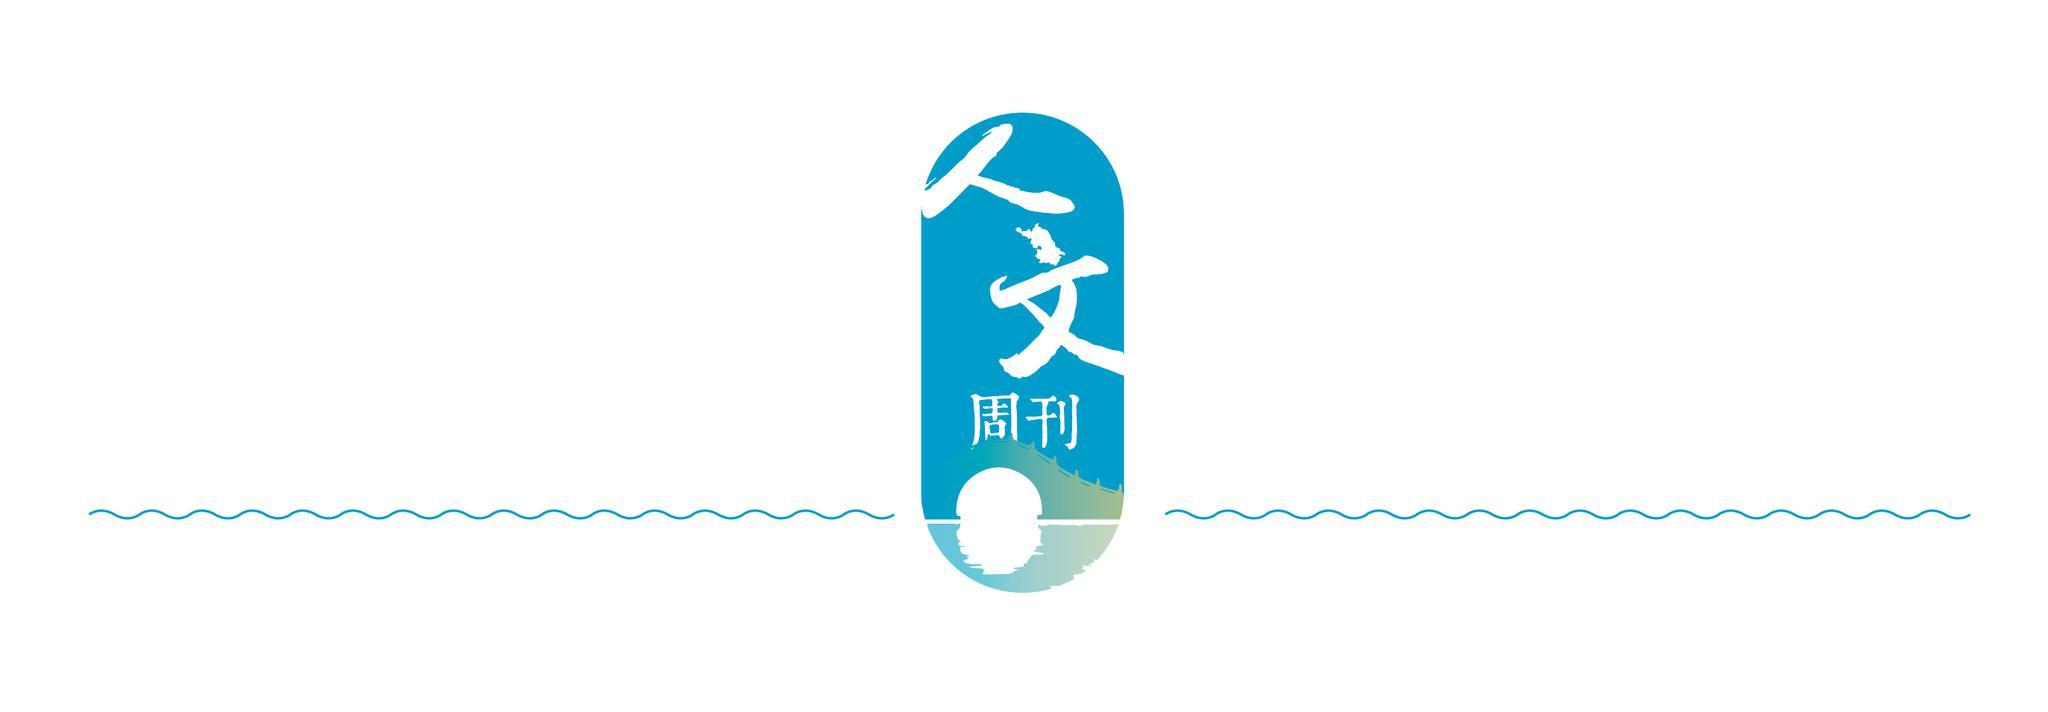 中国大运河博物馆在建、陈寅恪著作繁简体之争、王阳明的夜泊无眠  人文周刊荐读